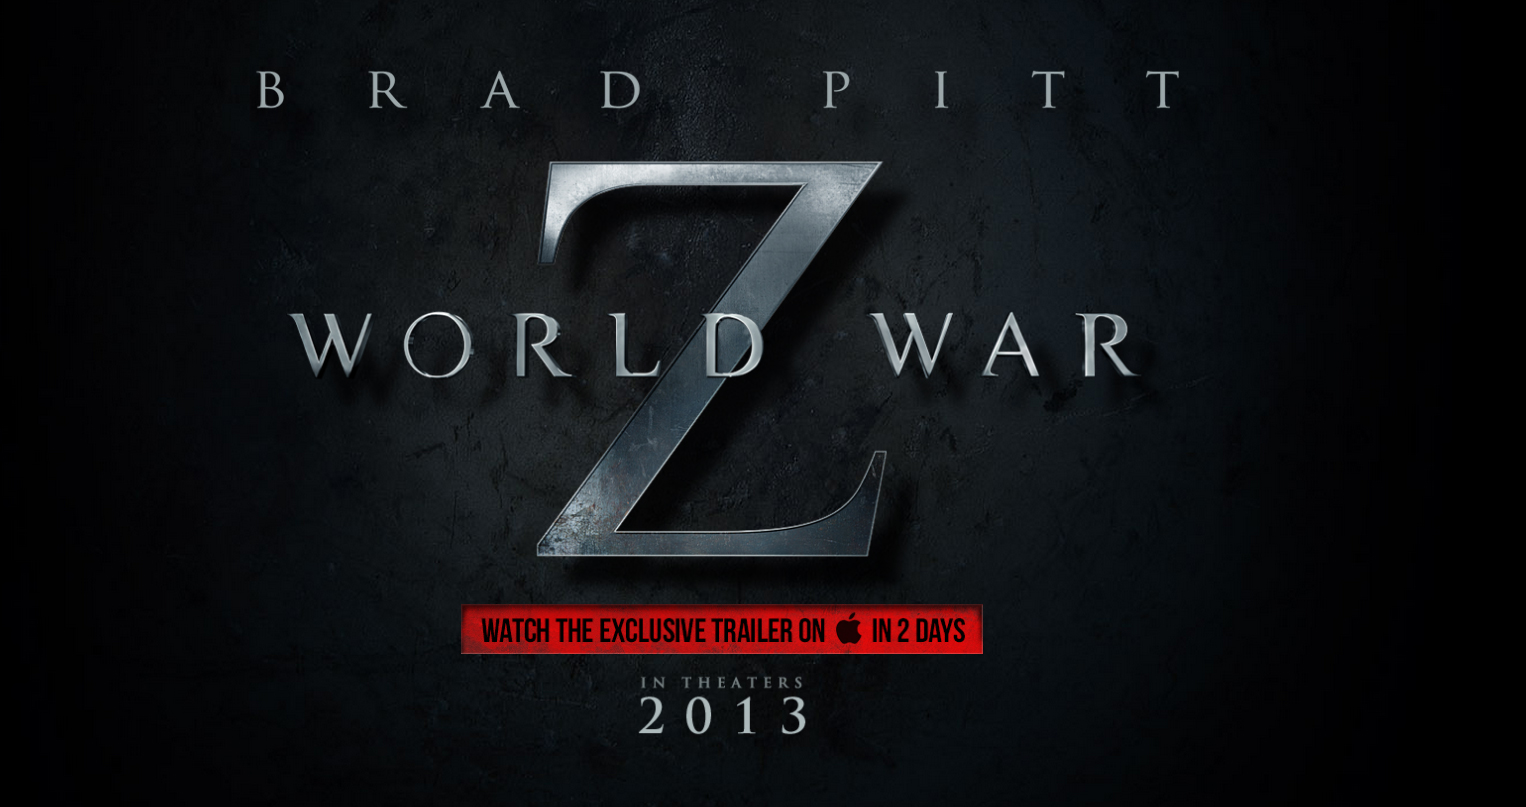 http://2.bp.blogspot.com/-Z7qtEovXxbs/UKwplBqPXyI/AAAAAAAARi8/WeMttpijvt4/s1600/world-war-z.jpg